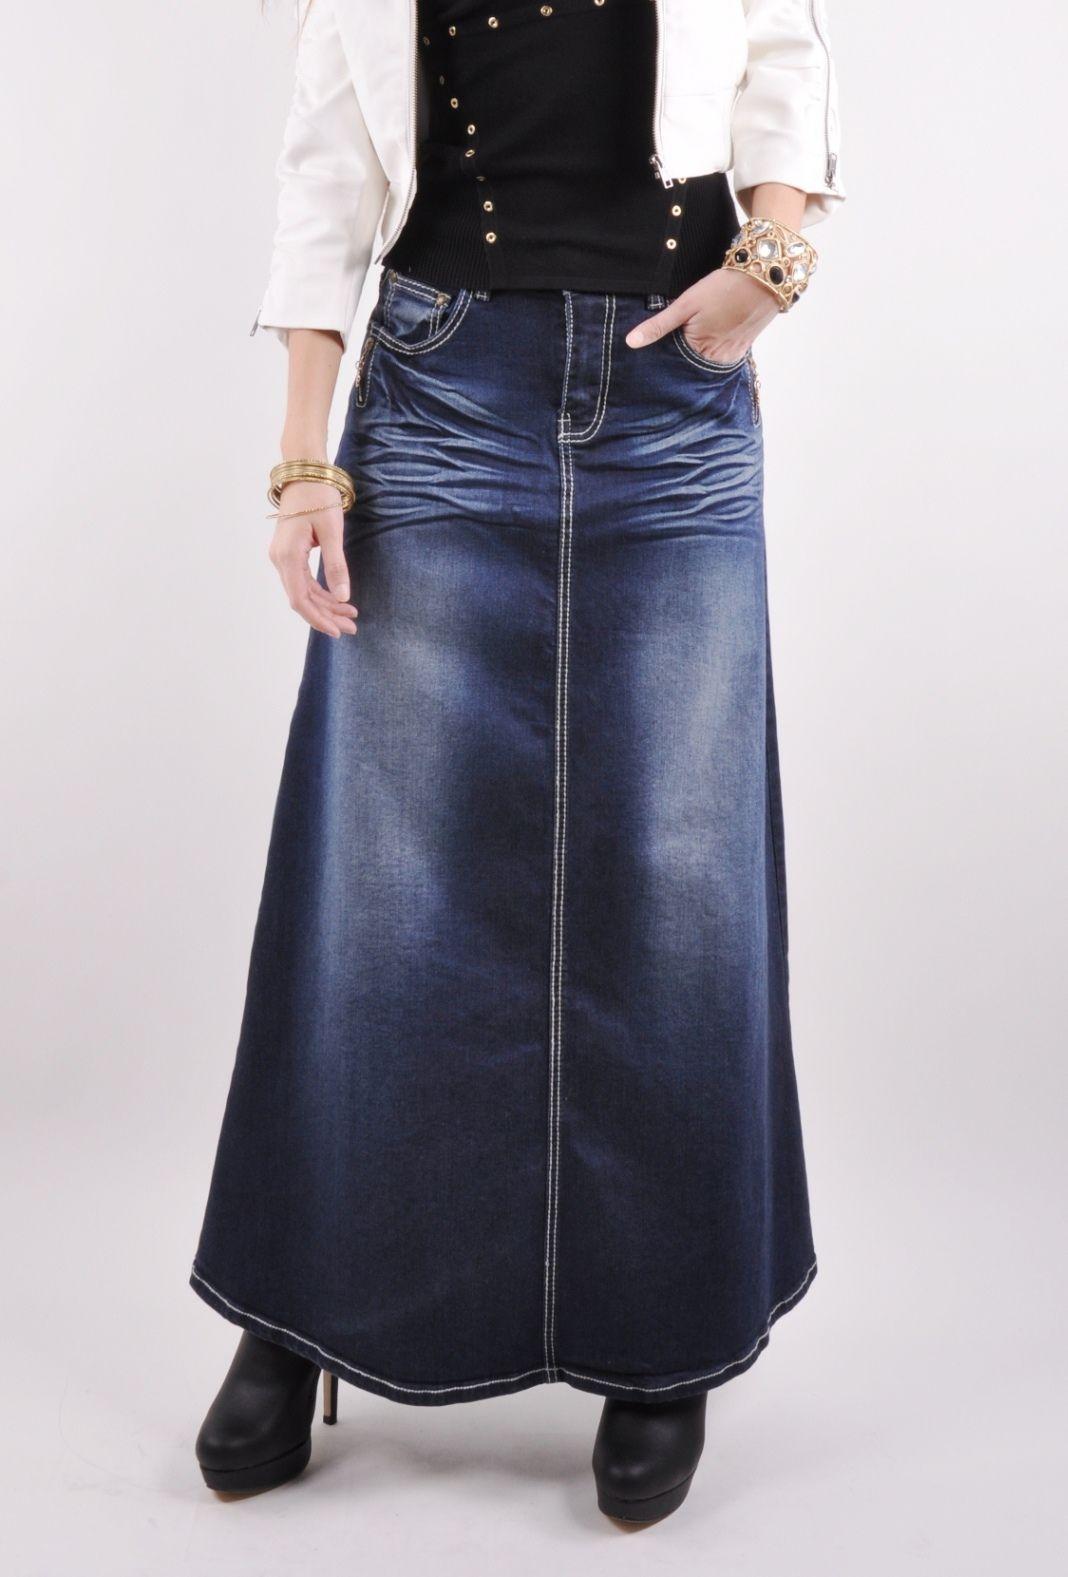 Twilight Diva Long Jean Skirt